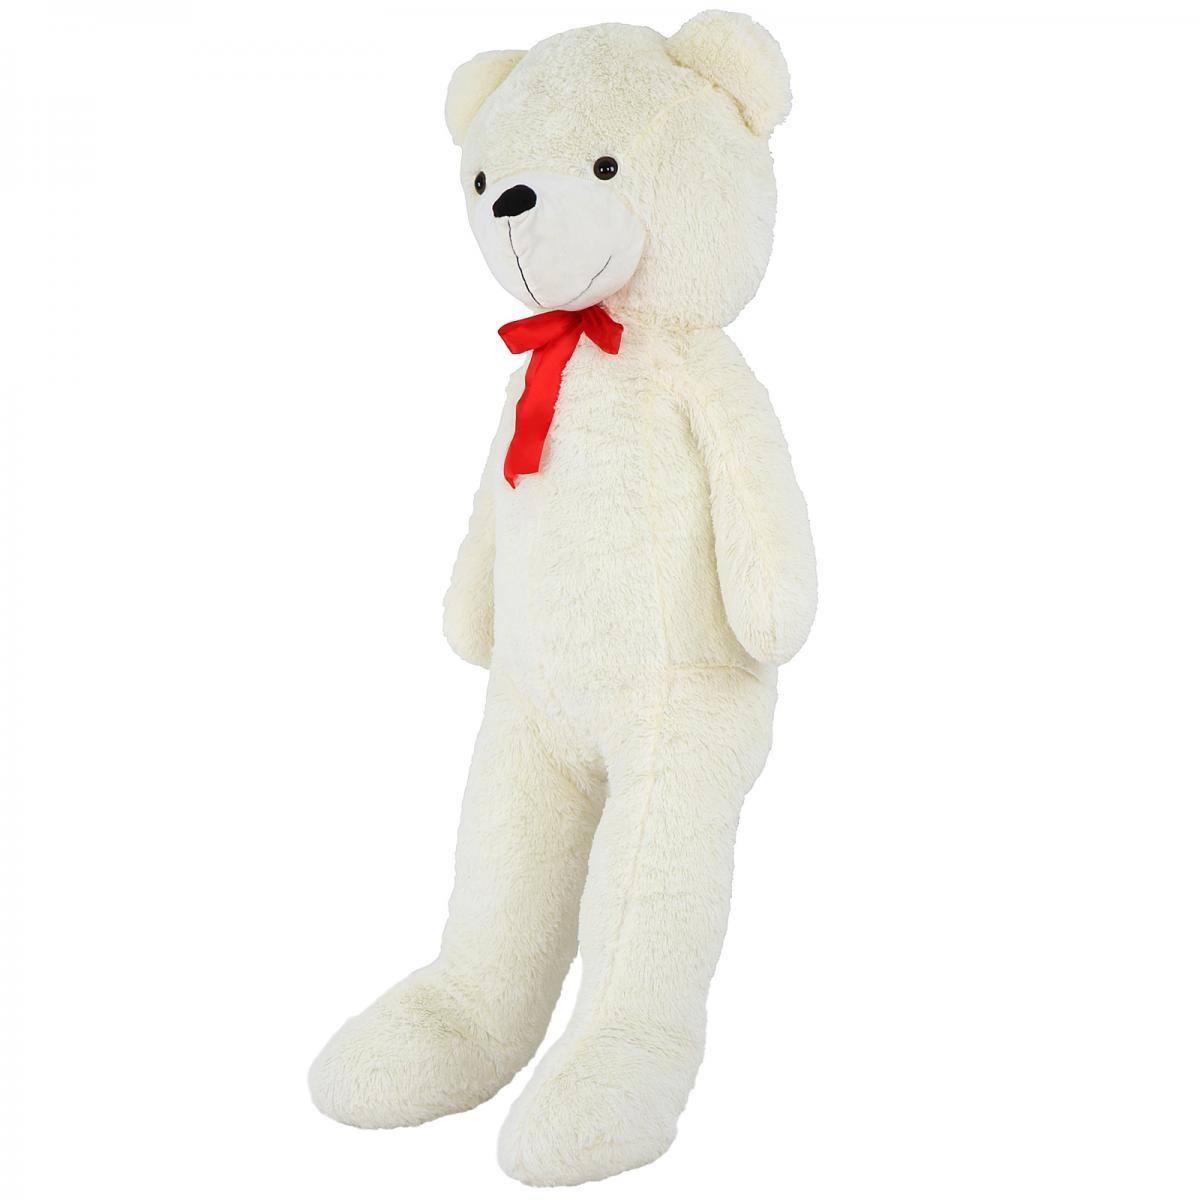 Fein Teddybär Färbung Seite Ideen - Druckbare Malvorlagen - amaichi.info